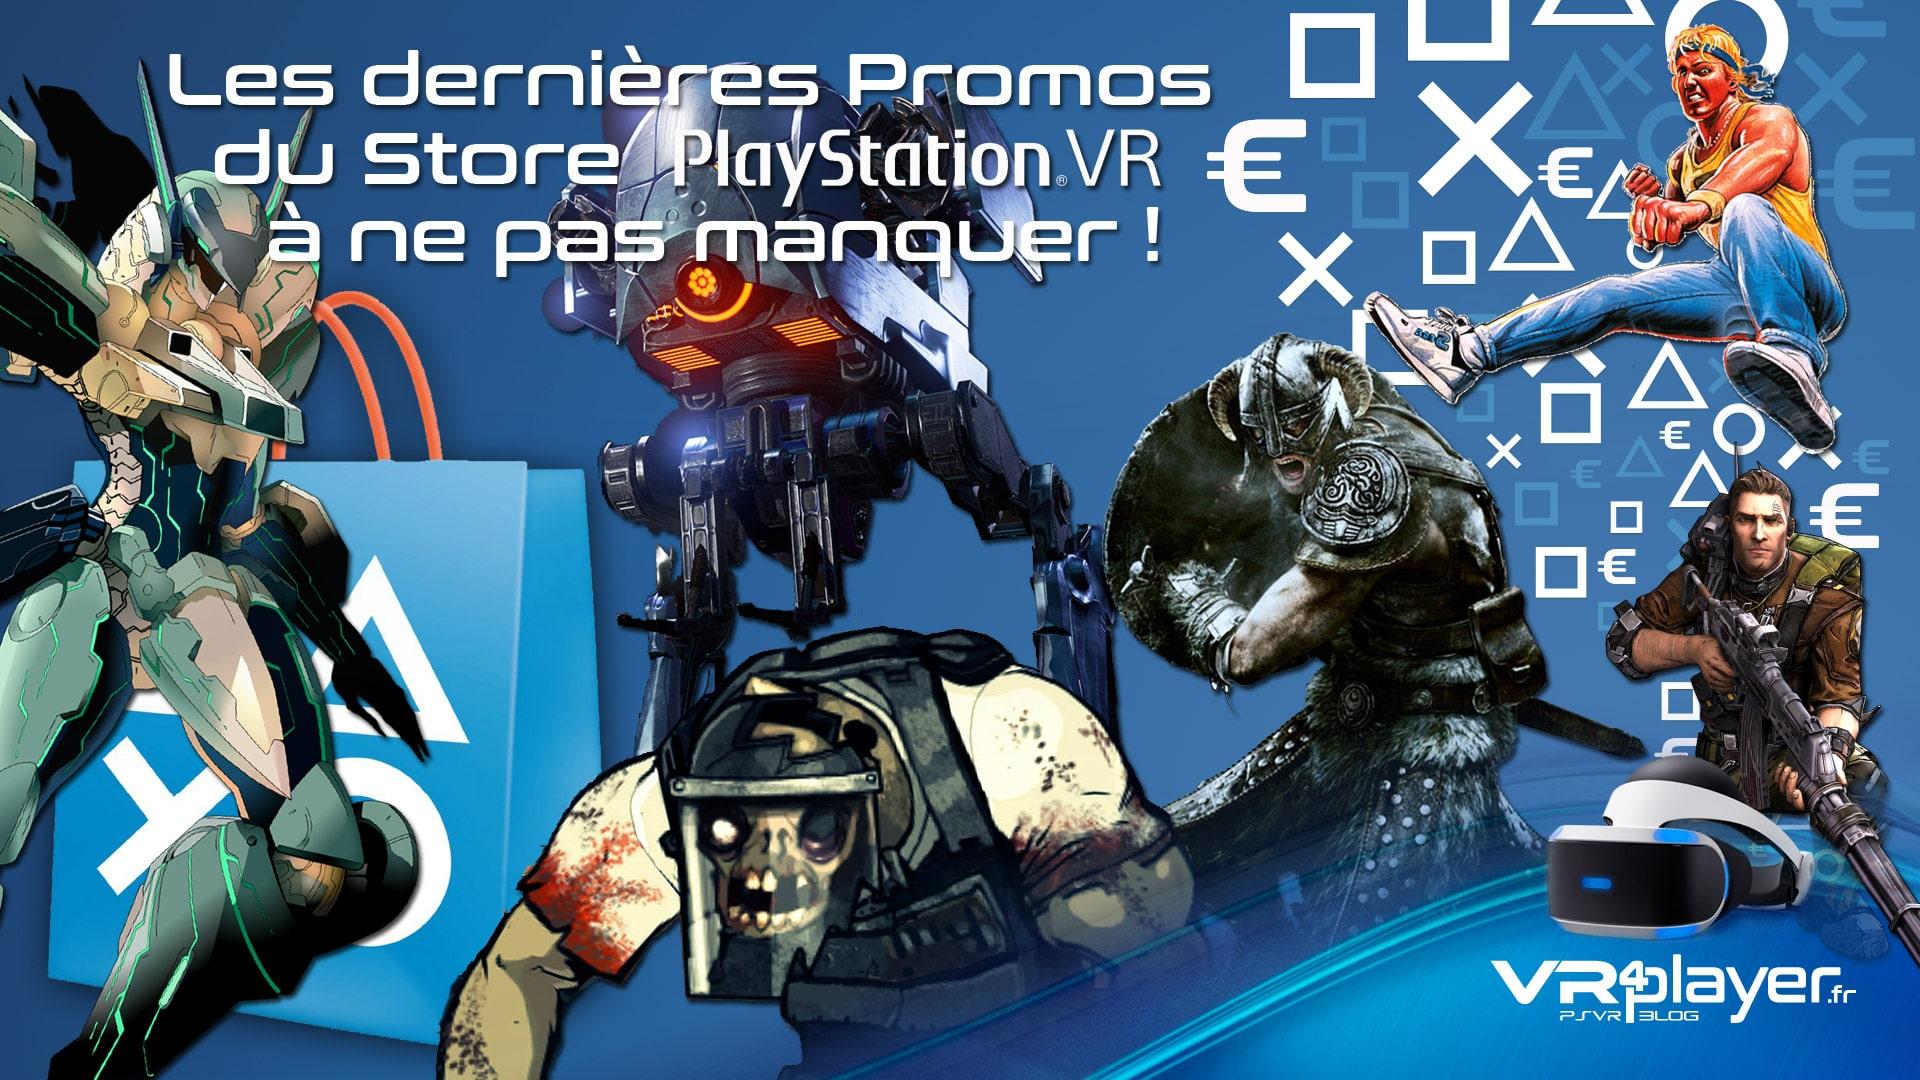 les réductions de mars sur PSVR - vr4player.fr